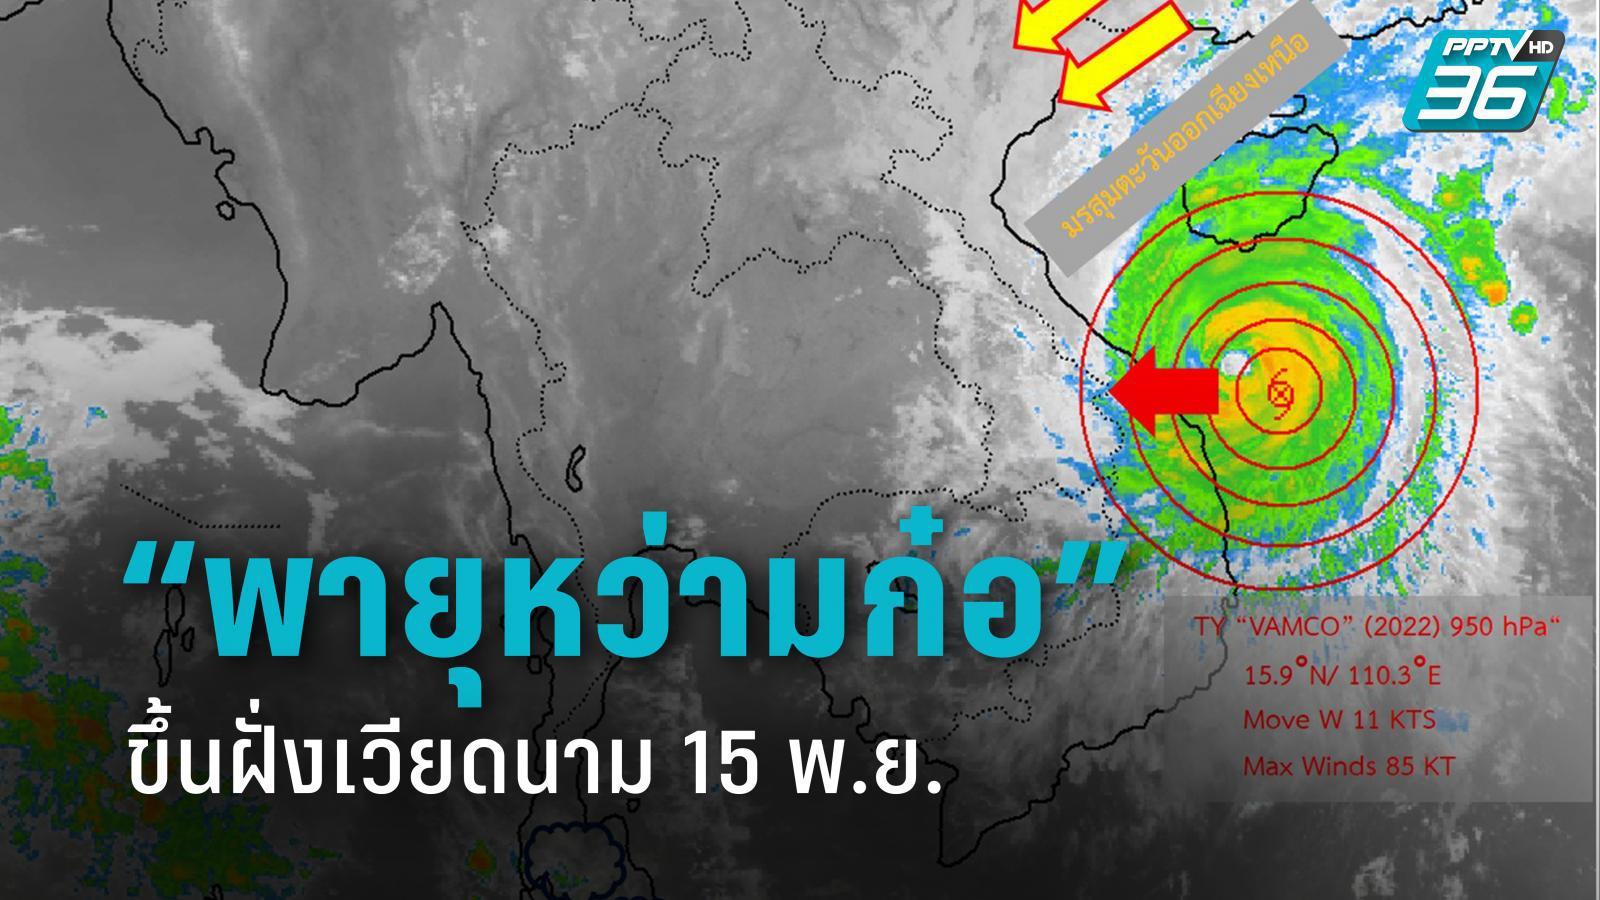 """พายุไต้ฝุ่น """"หว่ามก๋อ""""  ขึ้นฝั่งเวียดนาม 15 พ.ย. ไทยได้รับผลกระทบ"""